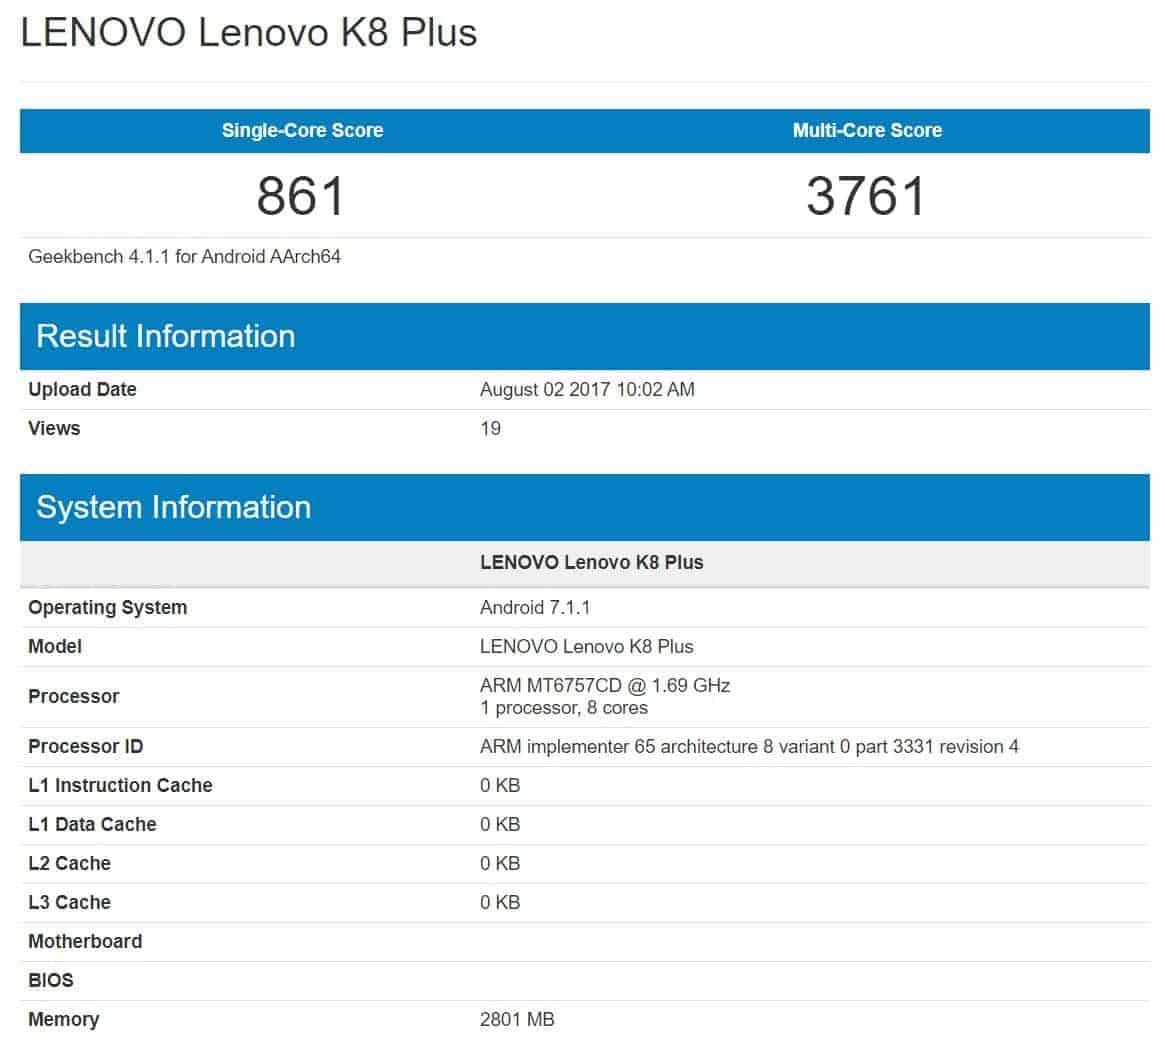 Lenovo K8 Plus Geekbench